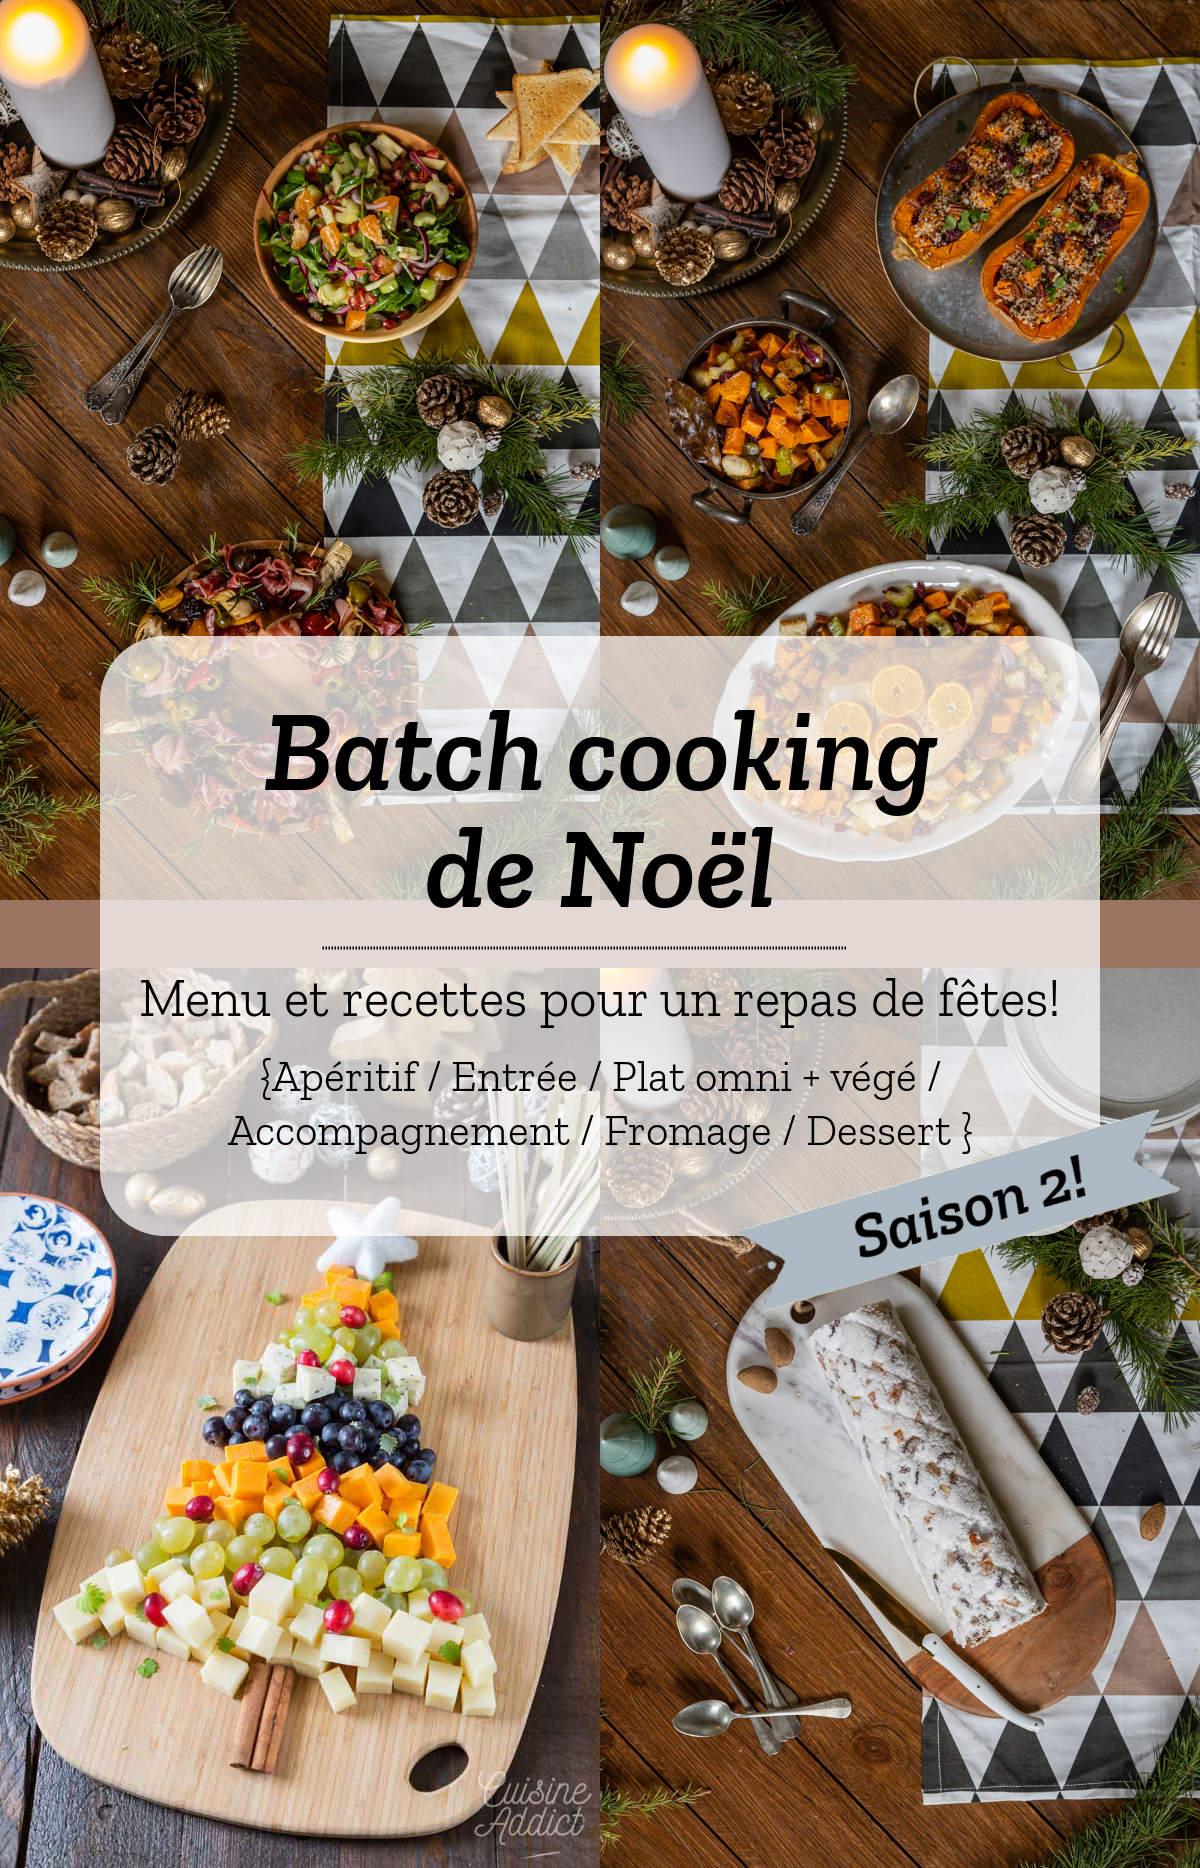 Batch cooking de Noël - Saison 2 ! Je prépare mon repas de réveillon en moins de 2 heures!